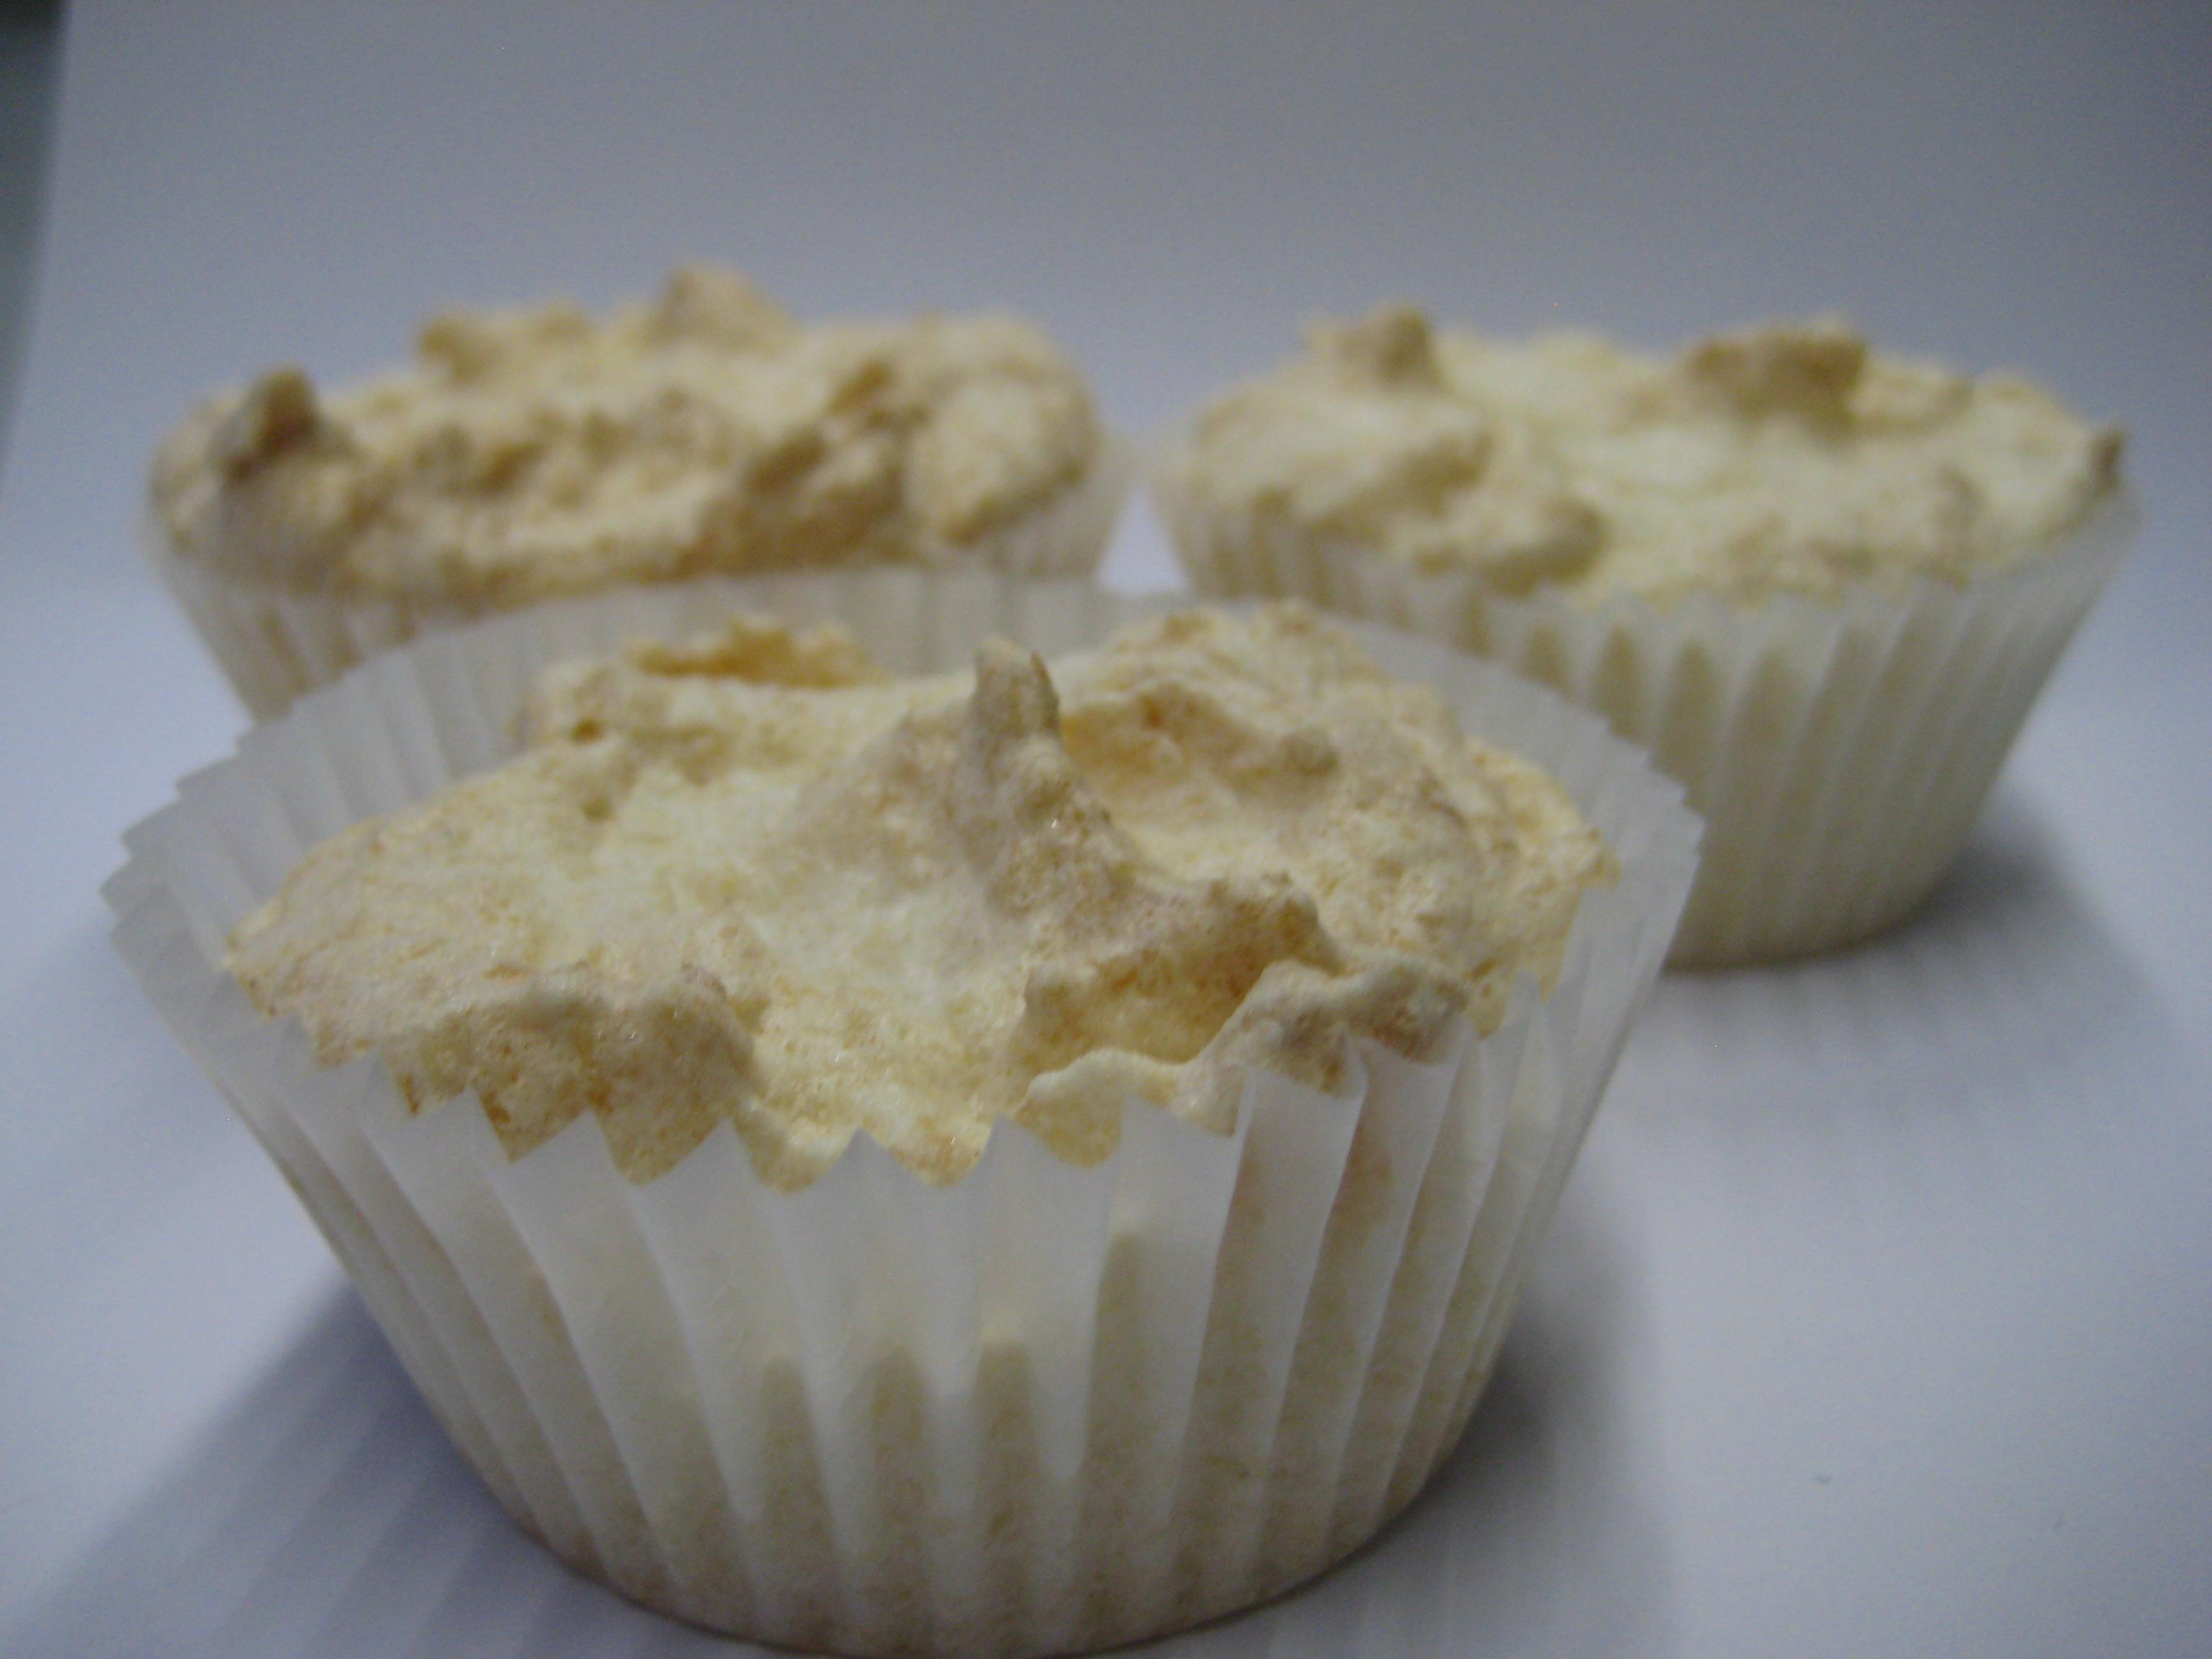 Kokosmakronen Muffins - nicht nur für Weihnachten